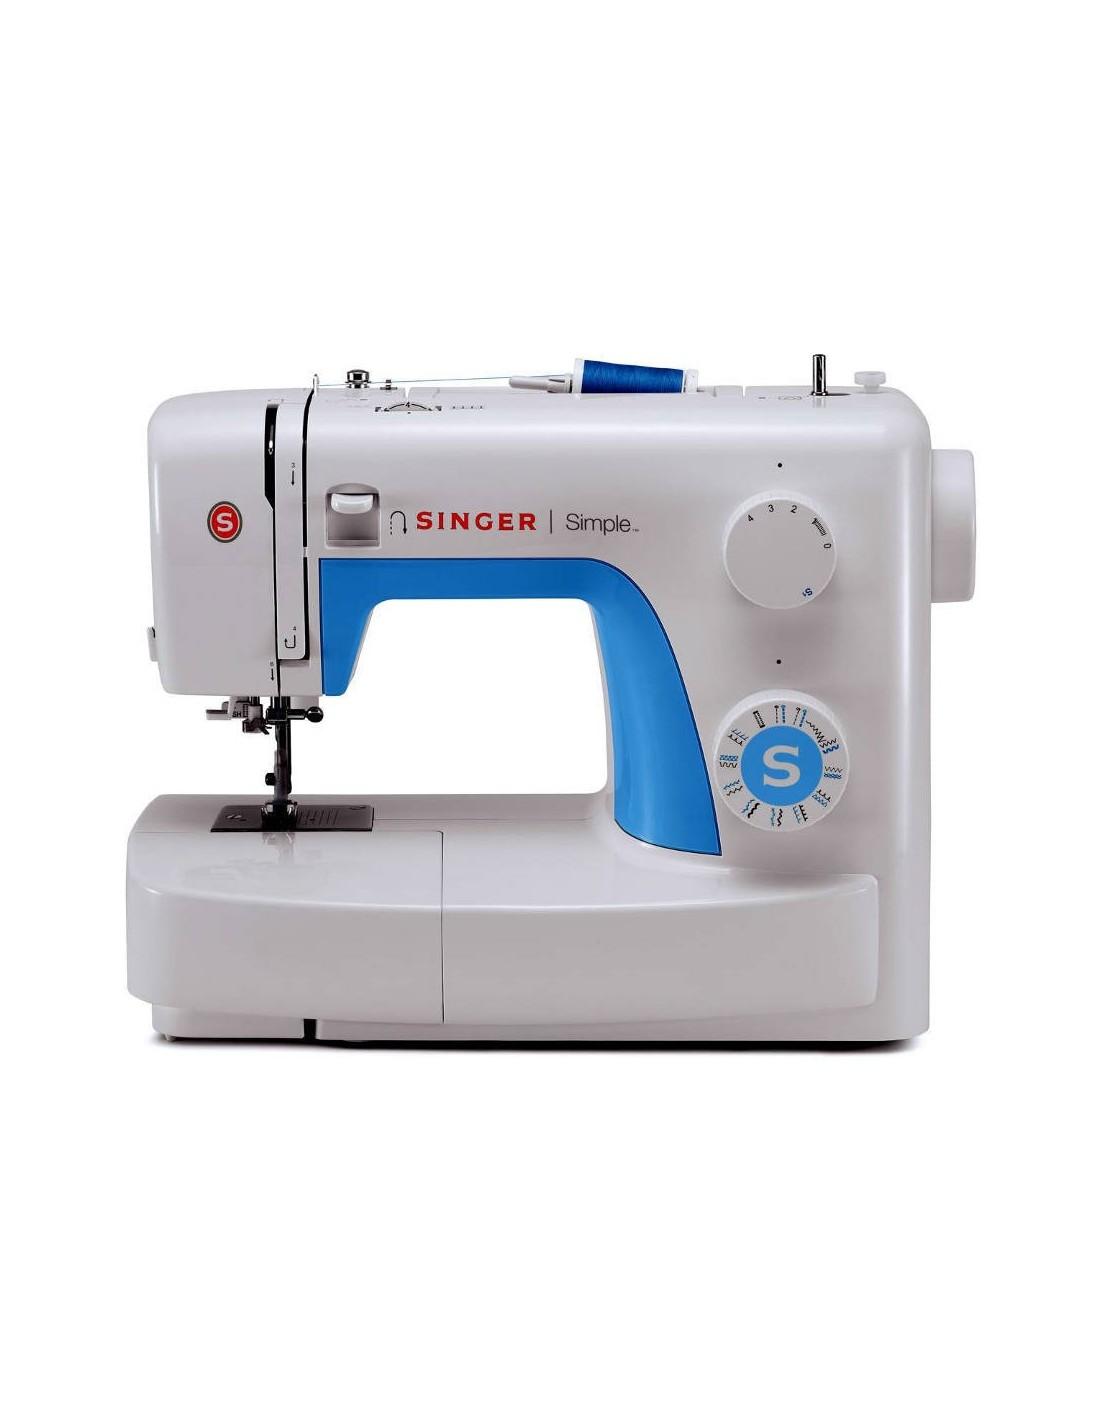 macchine per cucire singer modelli e prezzi fare di una